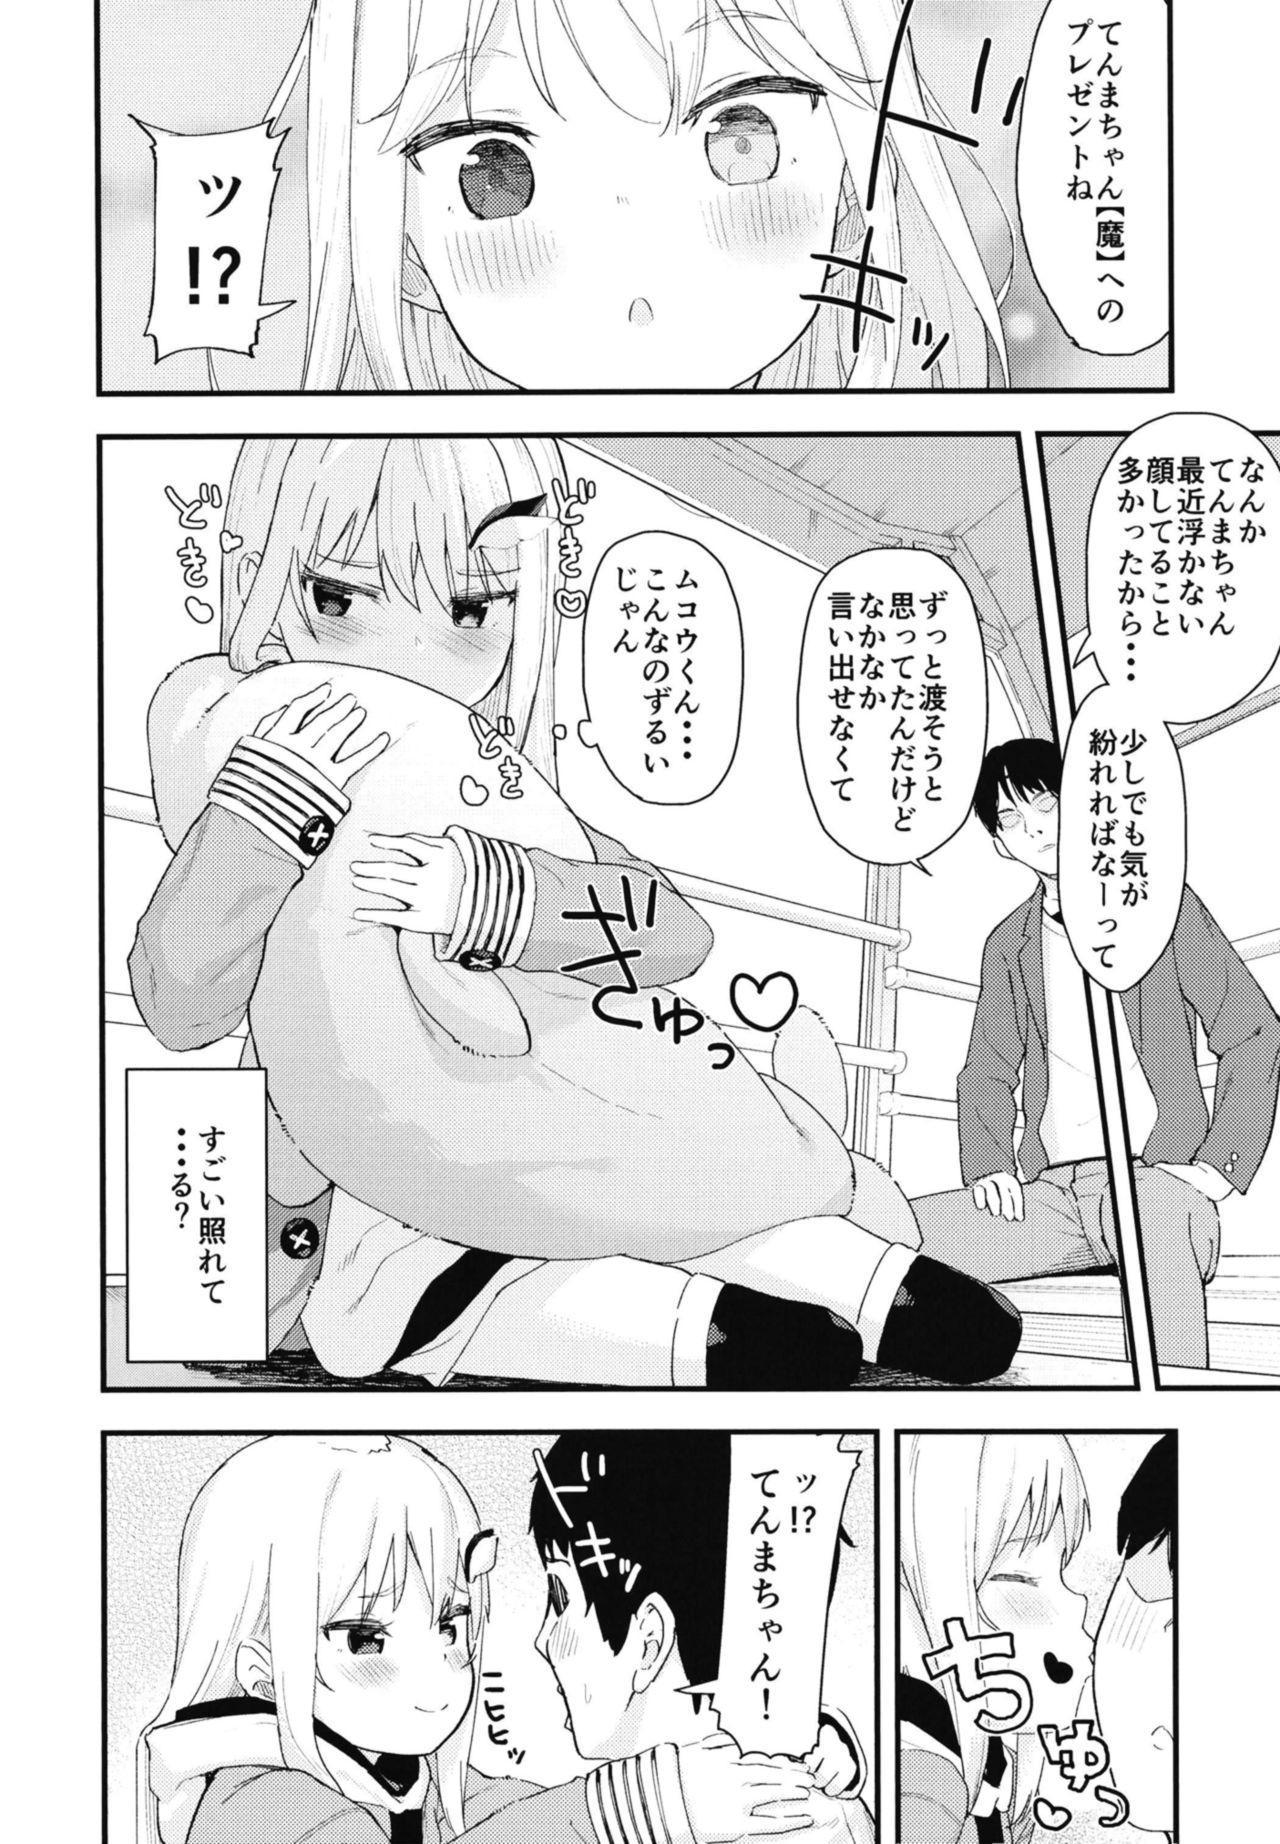 Chouhatsu Matenshi!! Tenma-chan 2 15